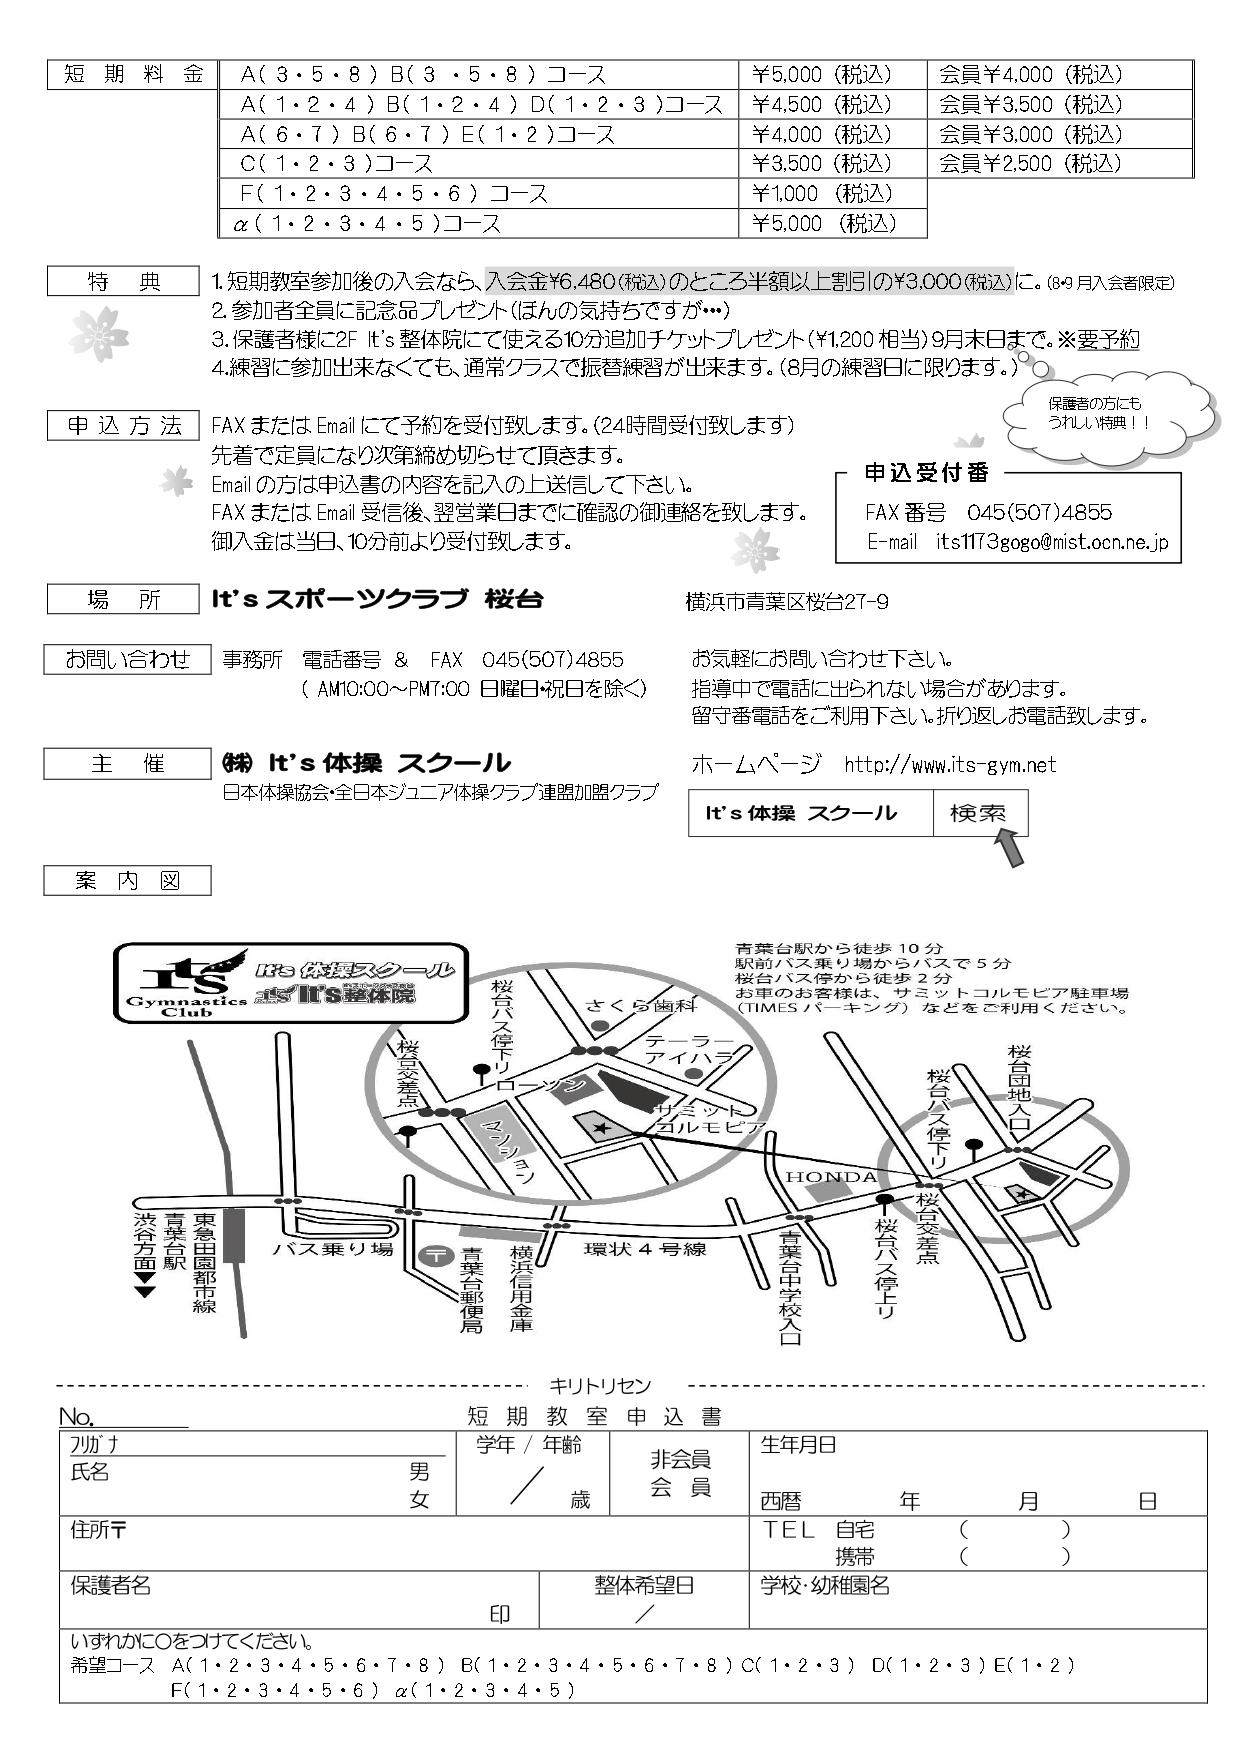 2019夏休み短期教室募集チラシ_page-0003